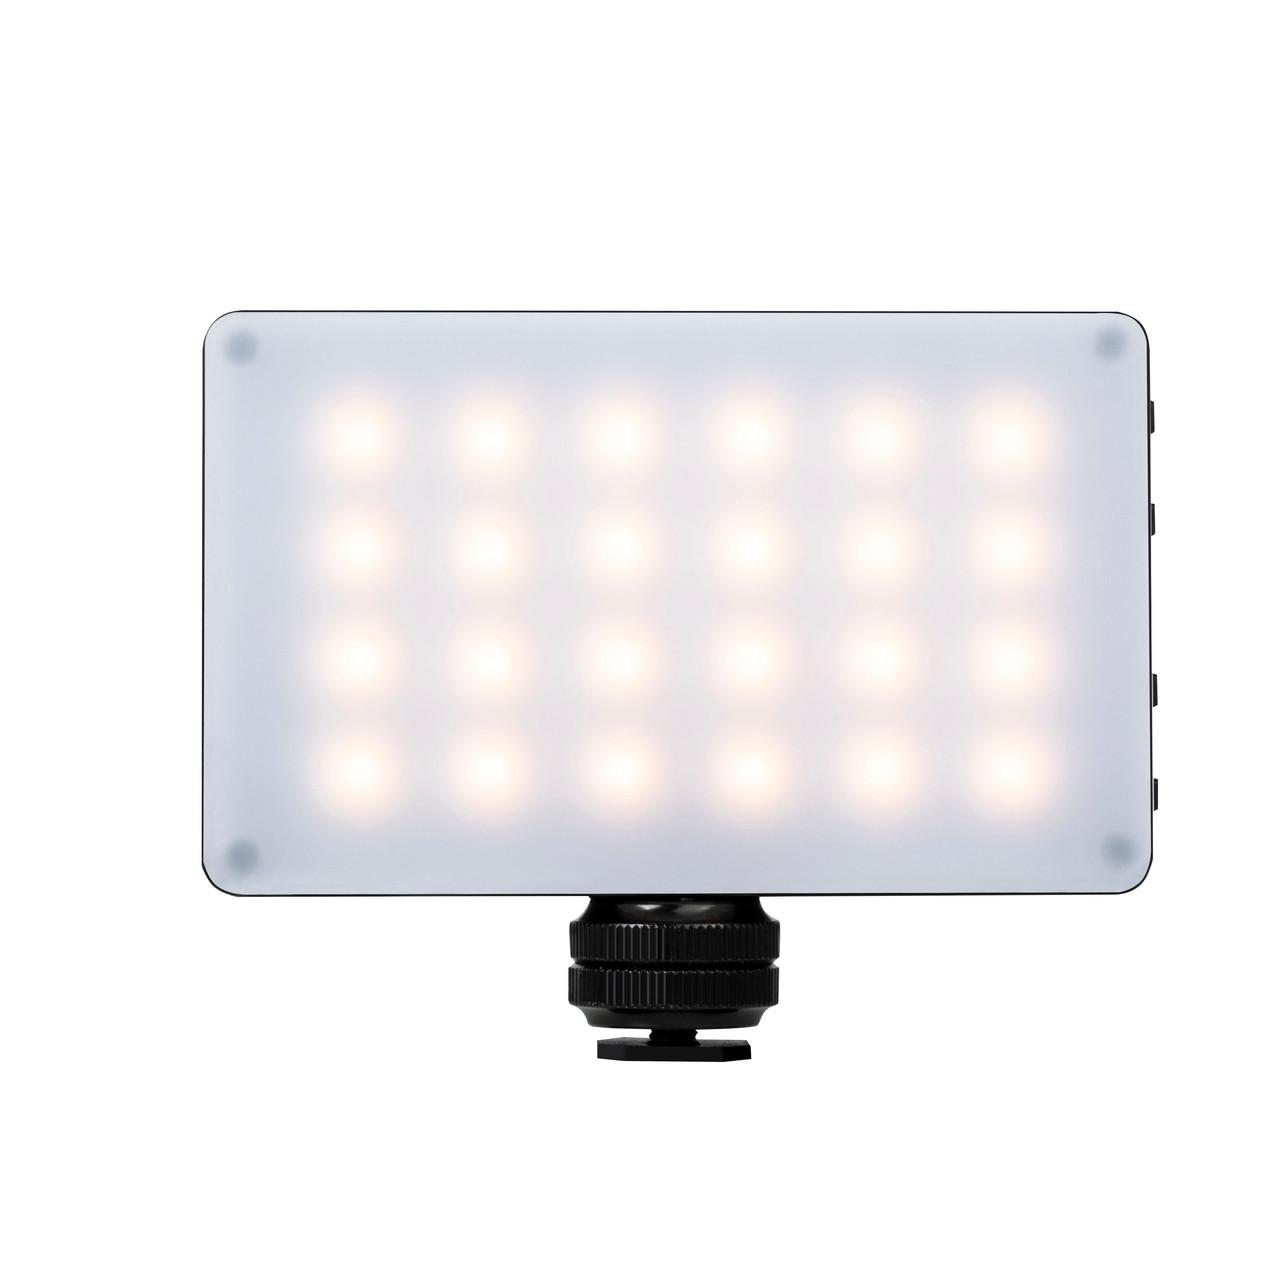 Ультратонкий, портативний LED - освітлювач, відео-світло Viltrox RB08 з вбудованим акумулятором